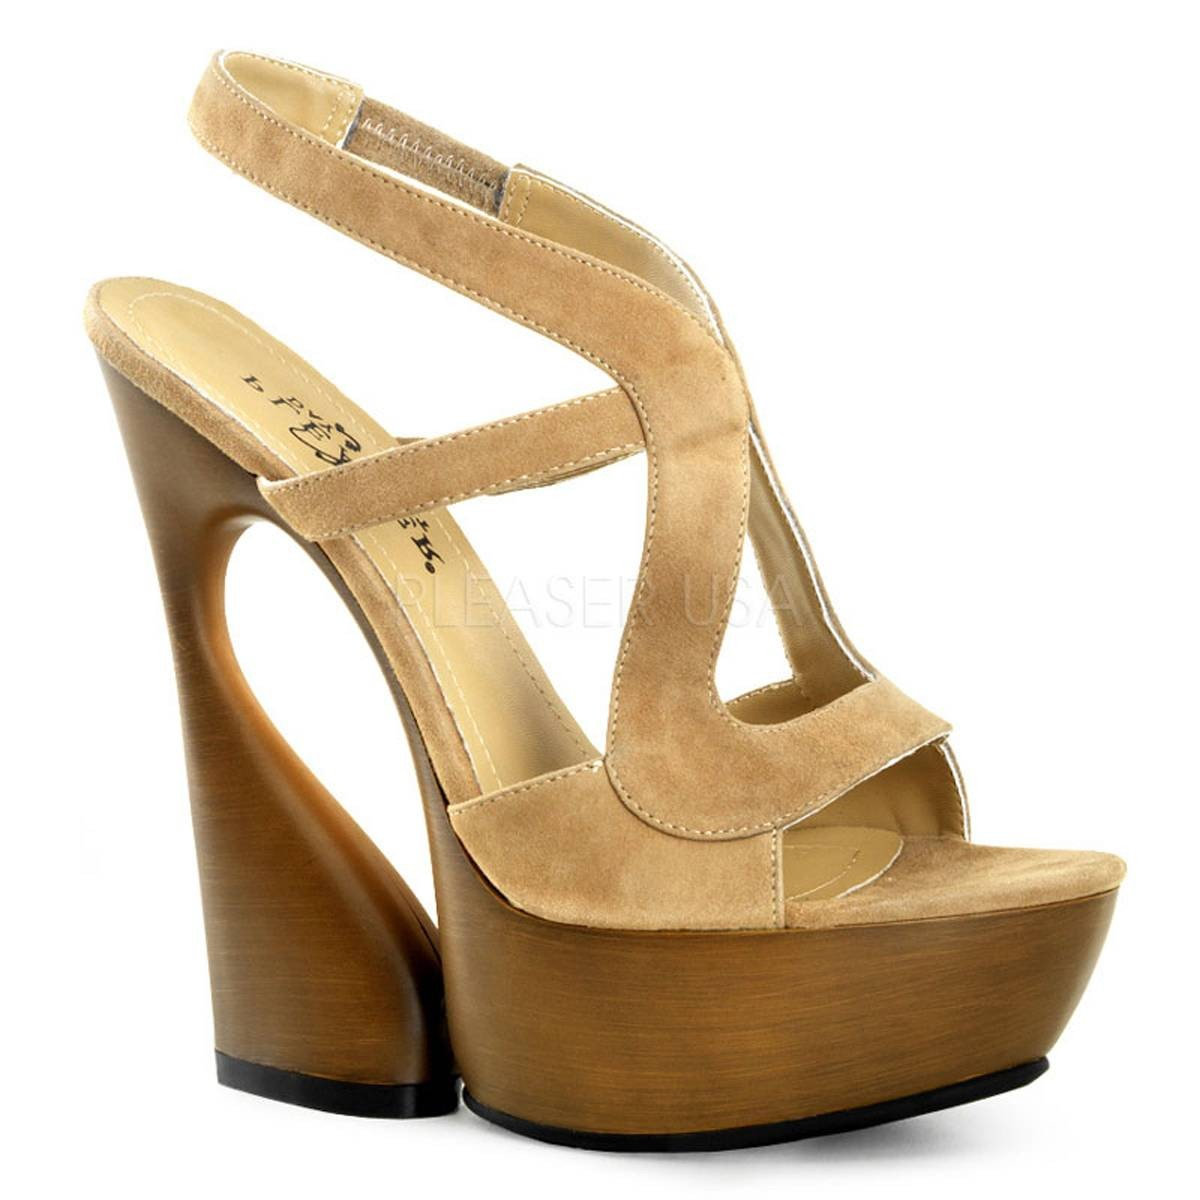 Highheels für Frauen - SWAN 657 ° Damen Sandalette ° Grau Leder ° Pleaser Day Night  - Onlineshop RedSixty